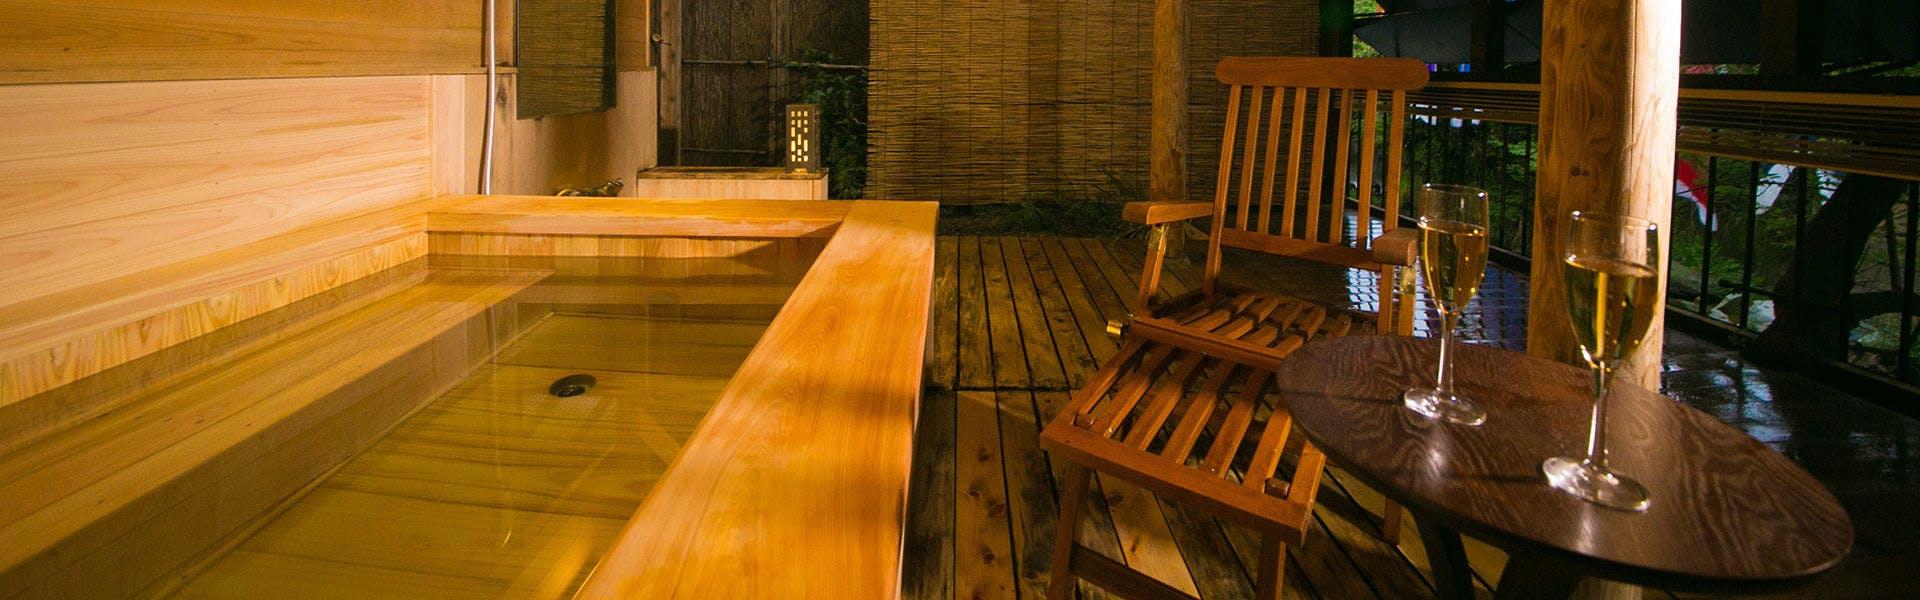 記念日におすすめのホテル・【湯めぐりの宿 楠水閣】の写真1